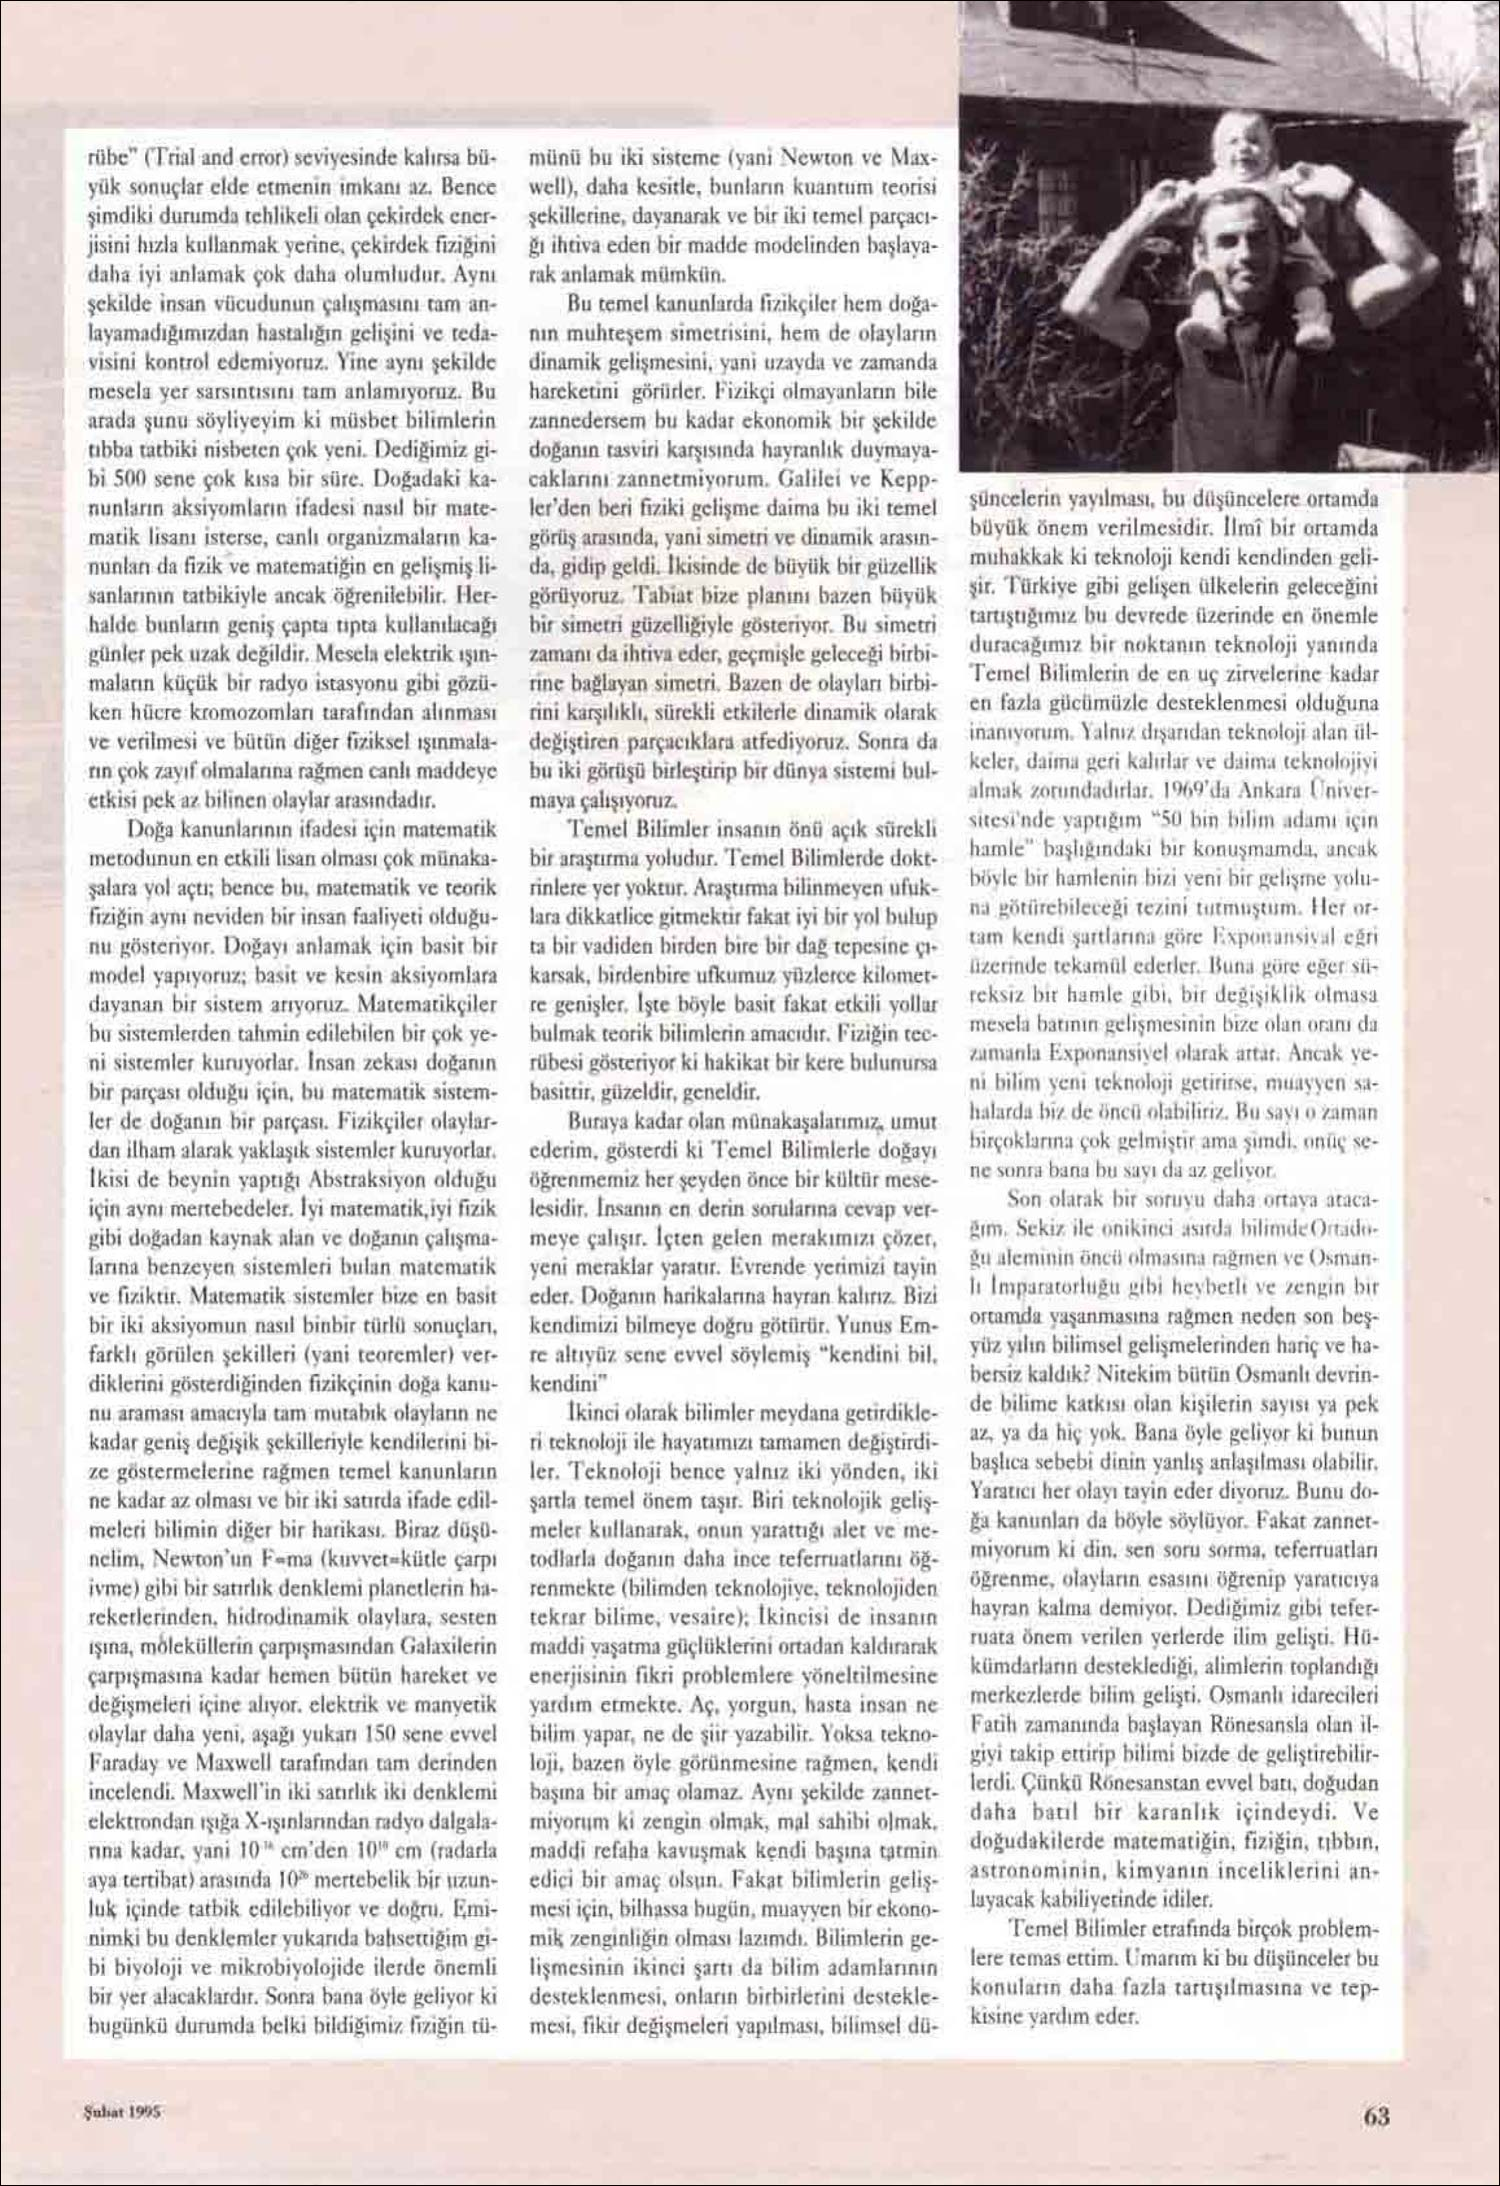 Basında Asım Orhan Barut | Fizikte Çığır Açan Büyük Kaybımız Asım Orhan Barut | Bilim ve Teknik Dergisi, Şubat 1995